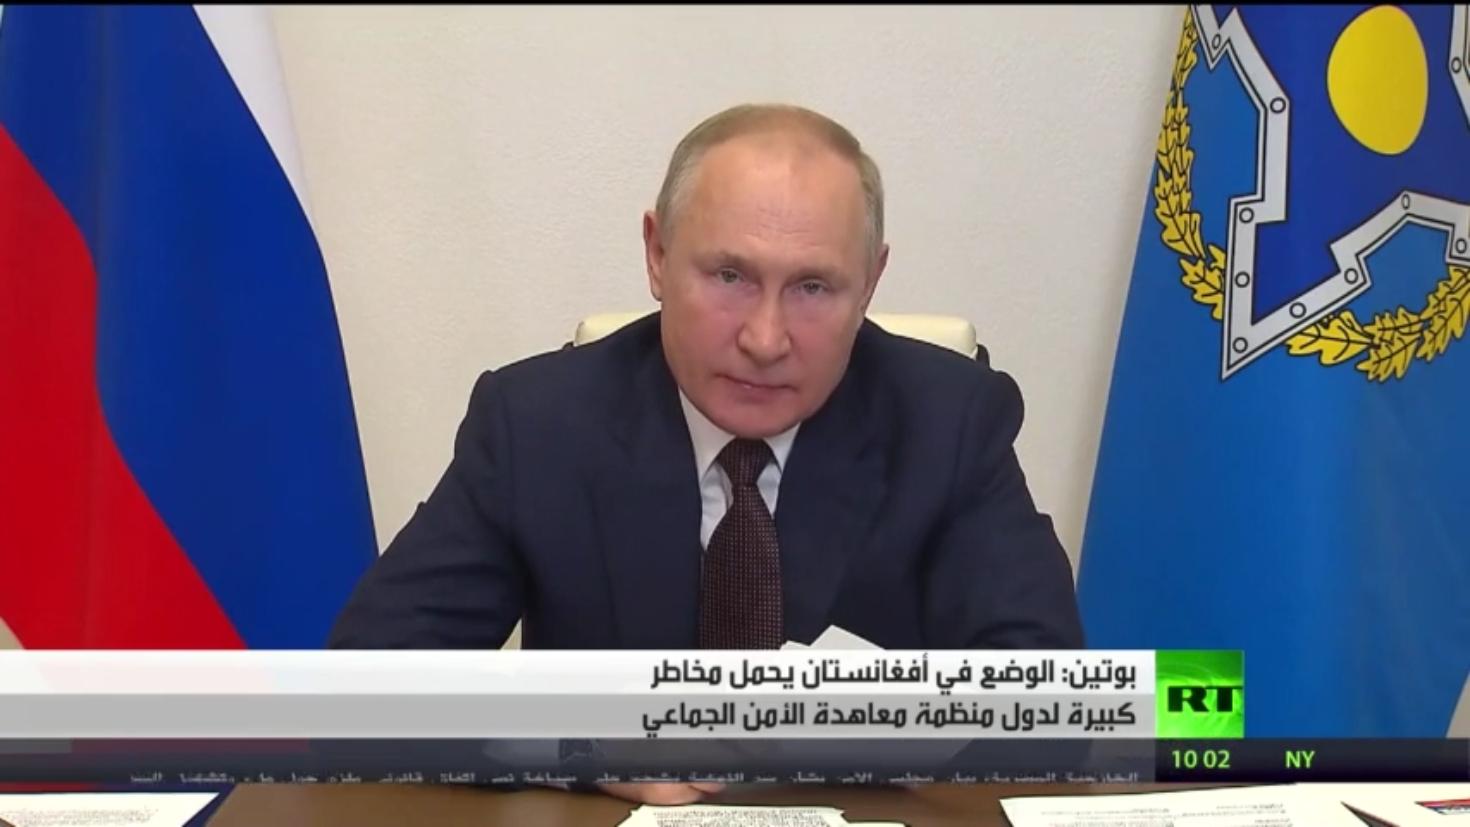 بوتين: الوضع في أفغانستان يحمل مخاطر كبيرة